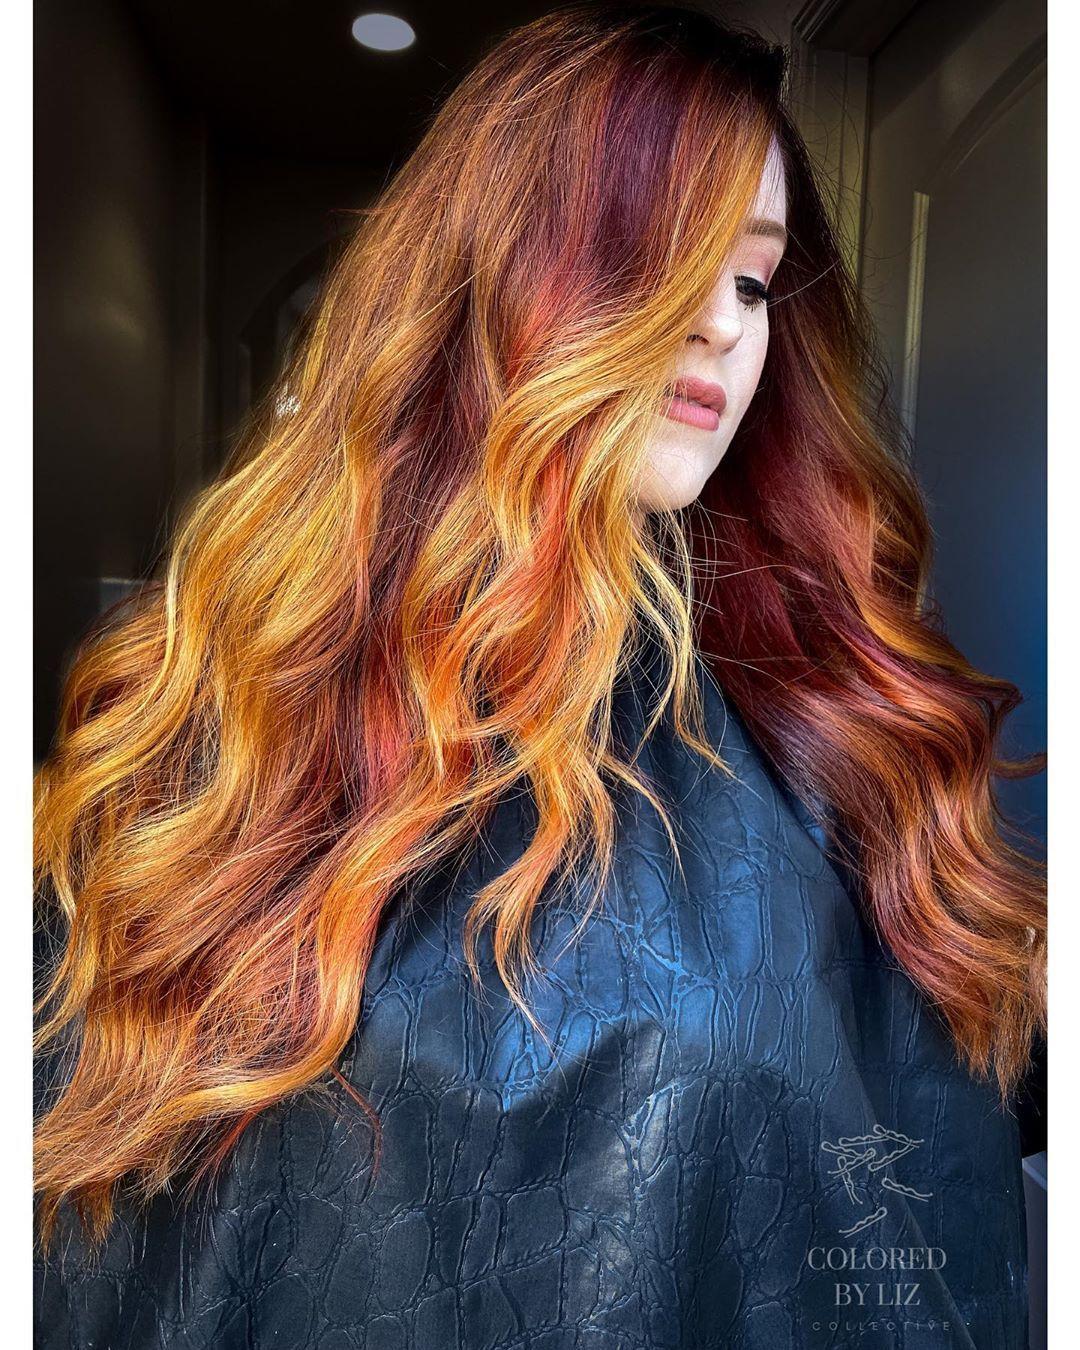 Liz Cook Balayage Specialist On Instagram Im Back When In Doubt Boost It All Color Done Using Pulpriothair Faction8 A Gekleurd Haar Haar Haarkleur